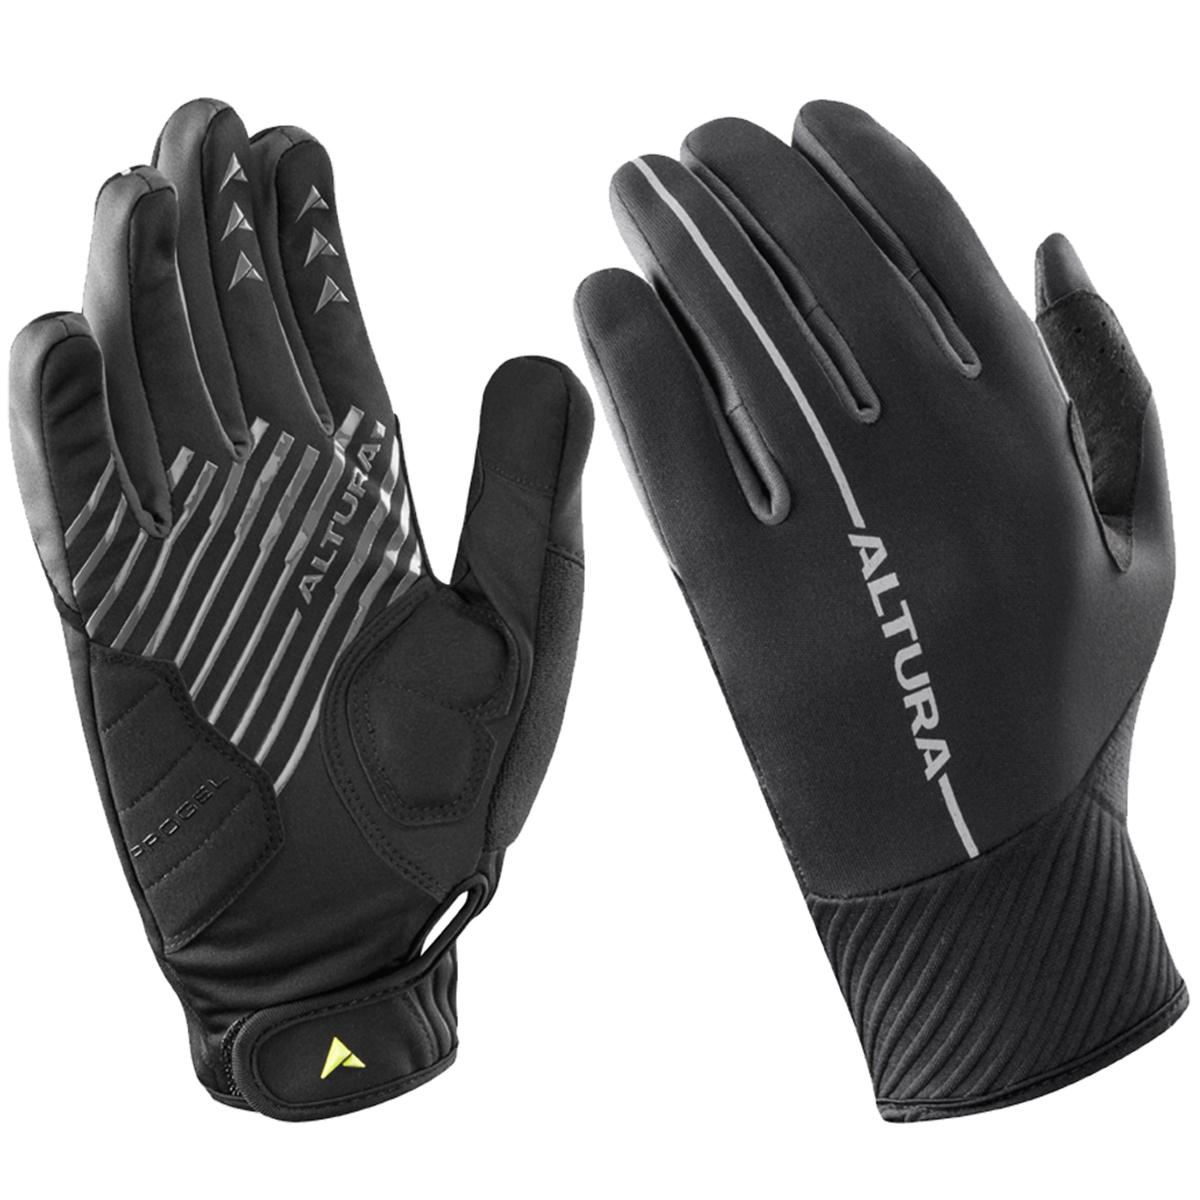 Altura Progel 2 Waterproof Cycling Gloves - 2017